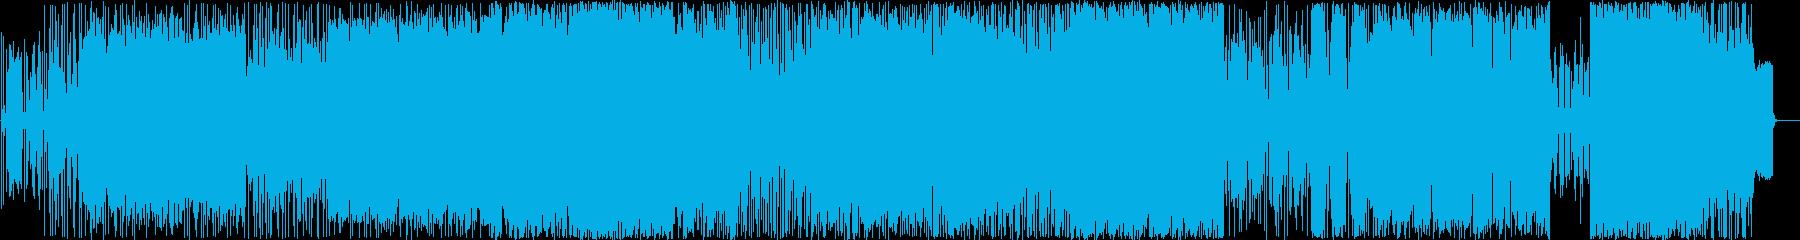 【変拍子】迷宮、彷徨、悲しみ、ダンジョンの再生済みの波形